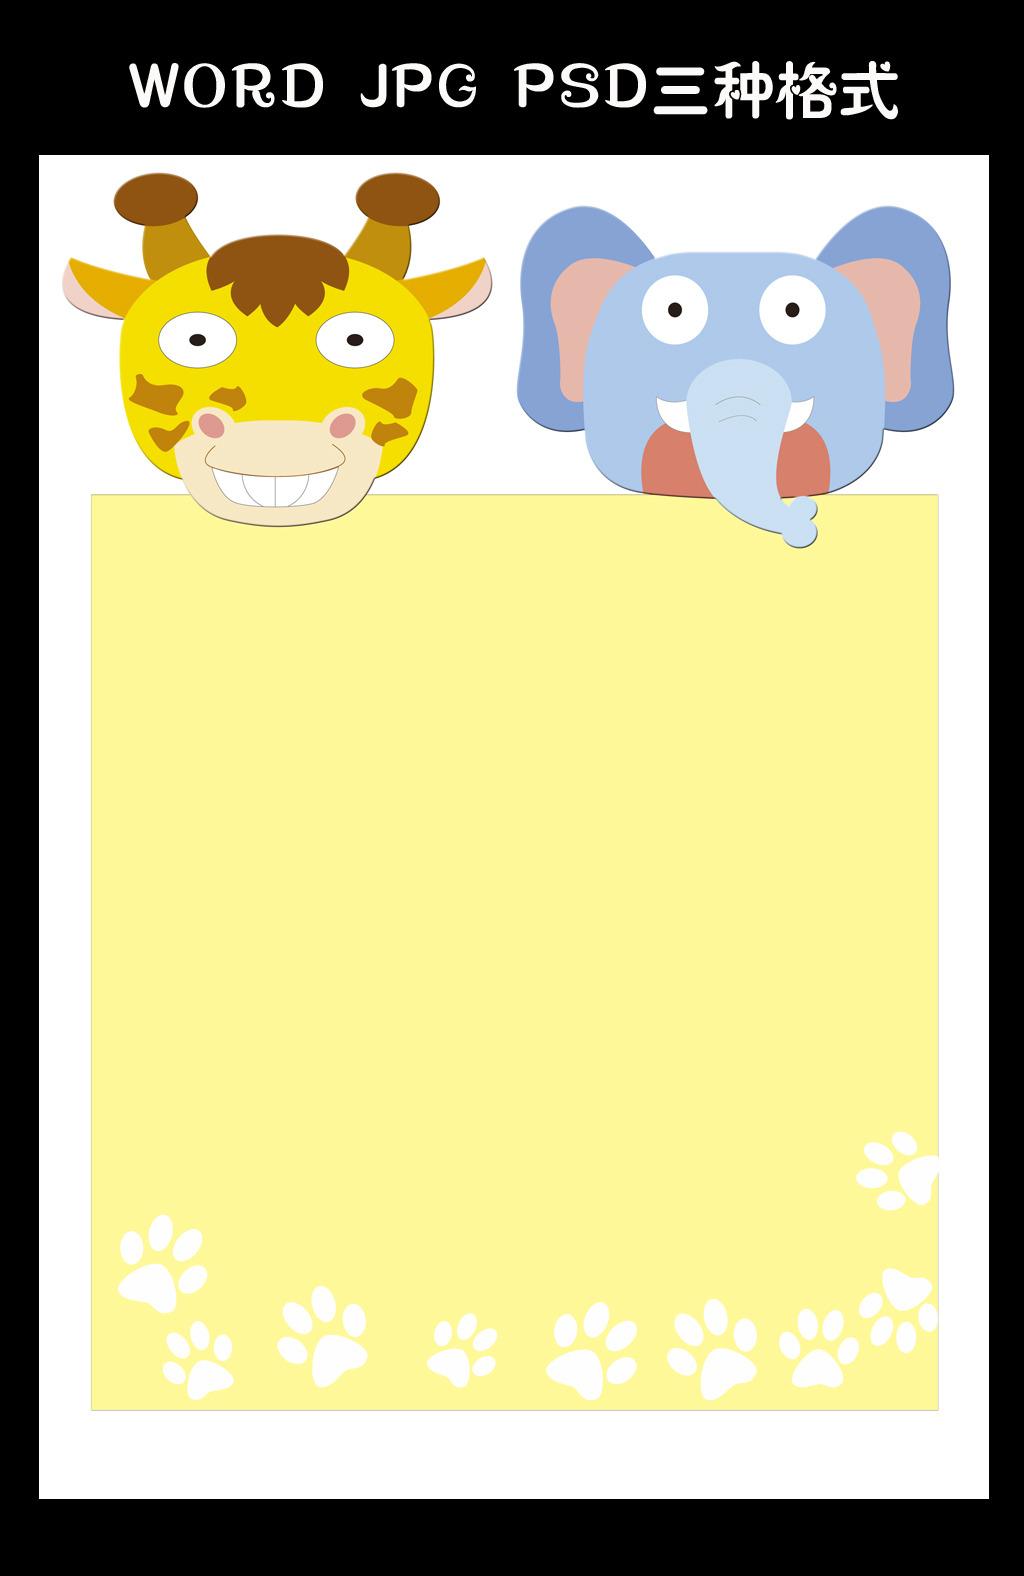 可爱动物卡通信纸背景模板下载(图片编号:12632548)